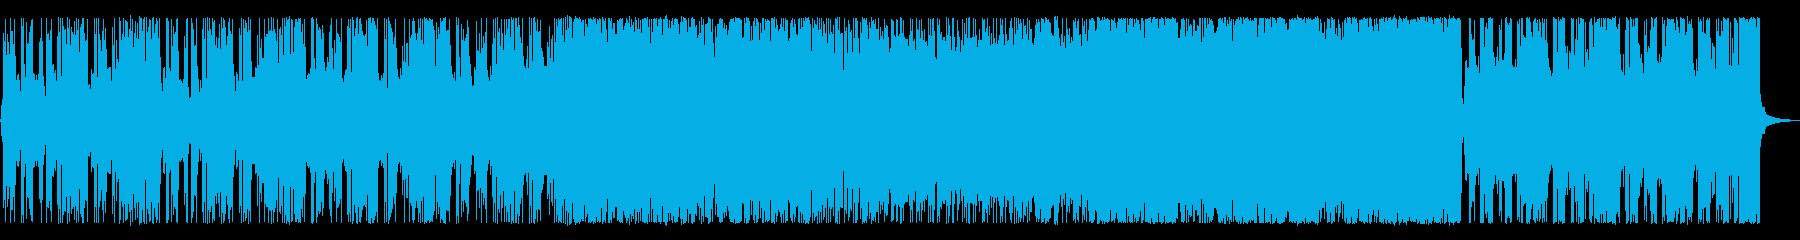 スタンダードなロックギターインストの再生済みの波形